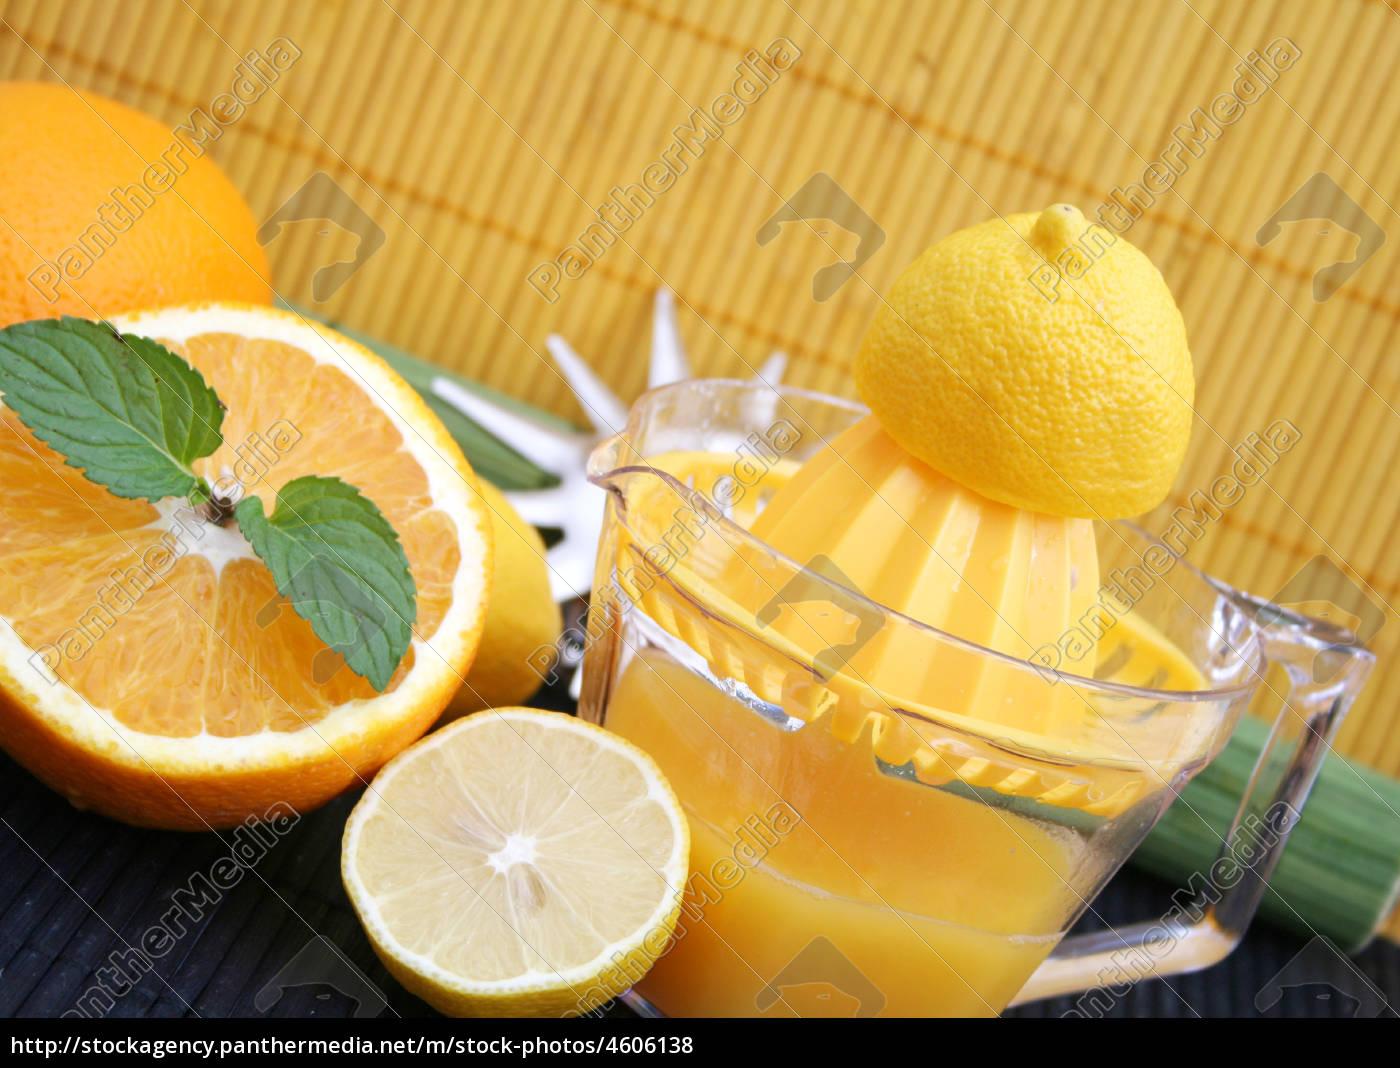 squeeze, juice - 4606138